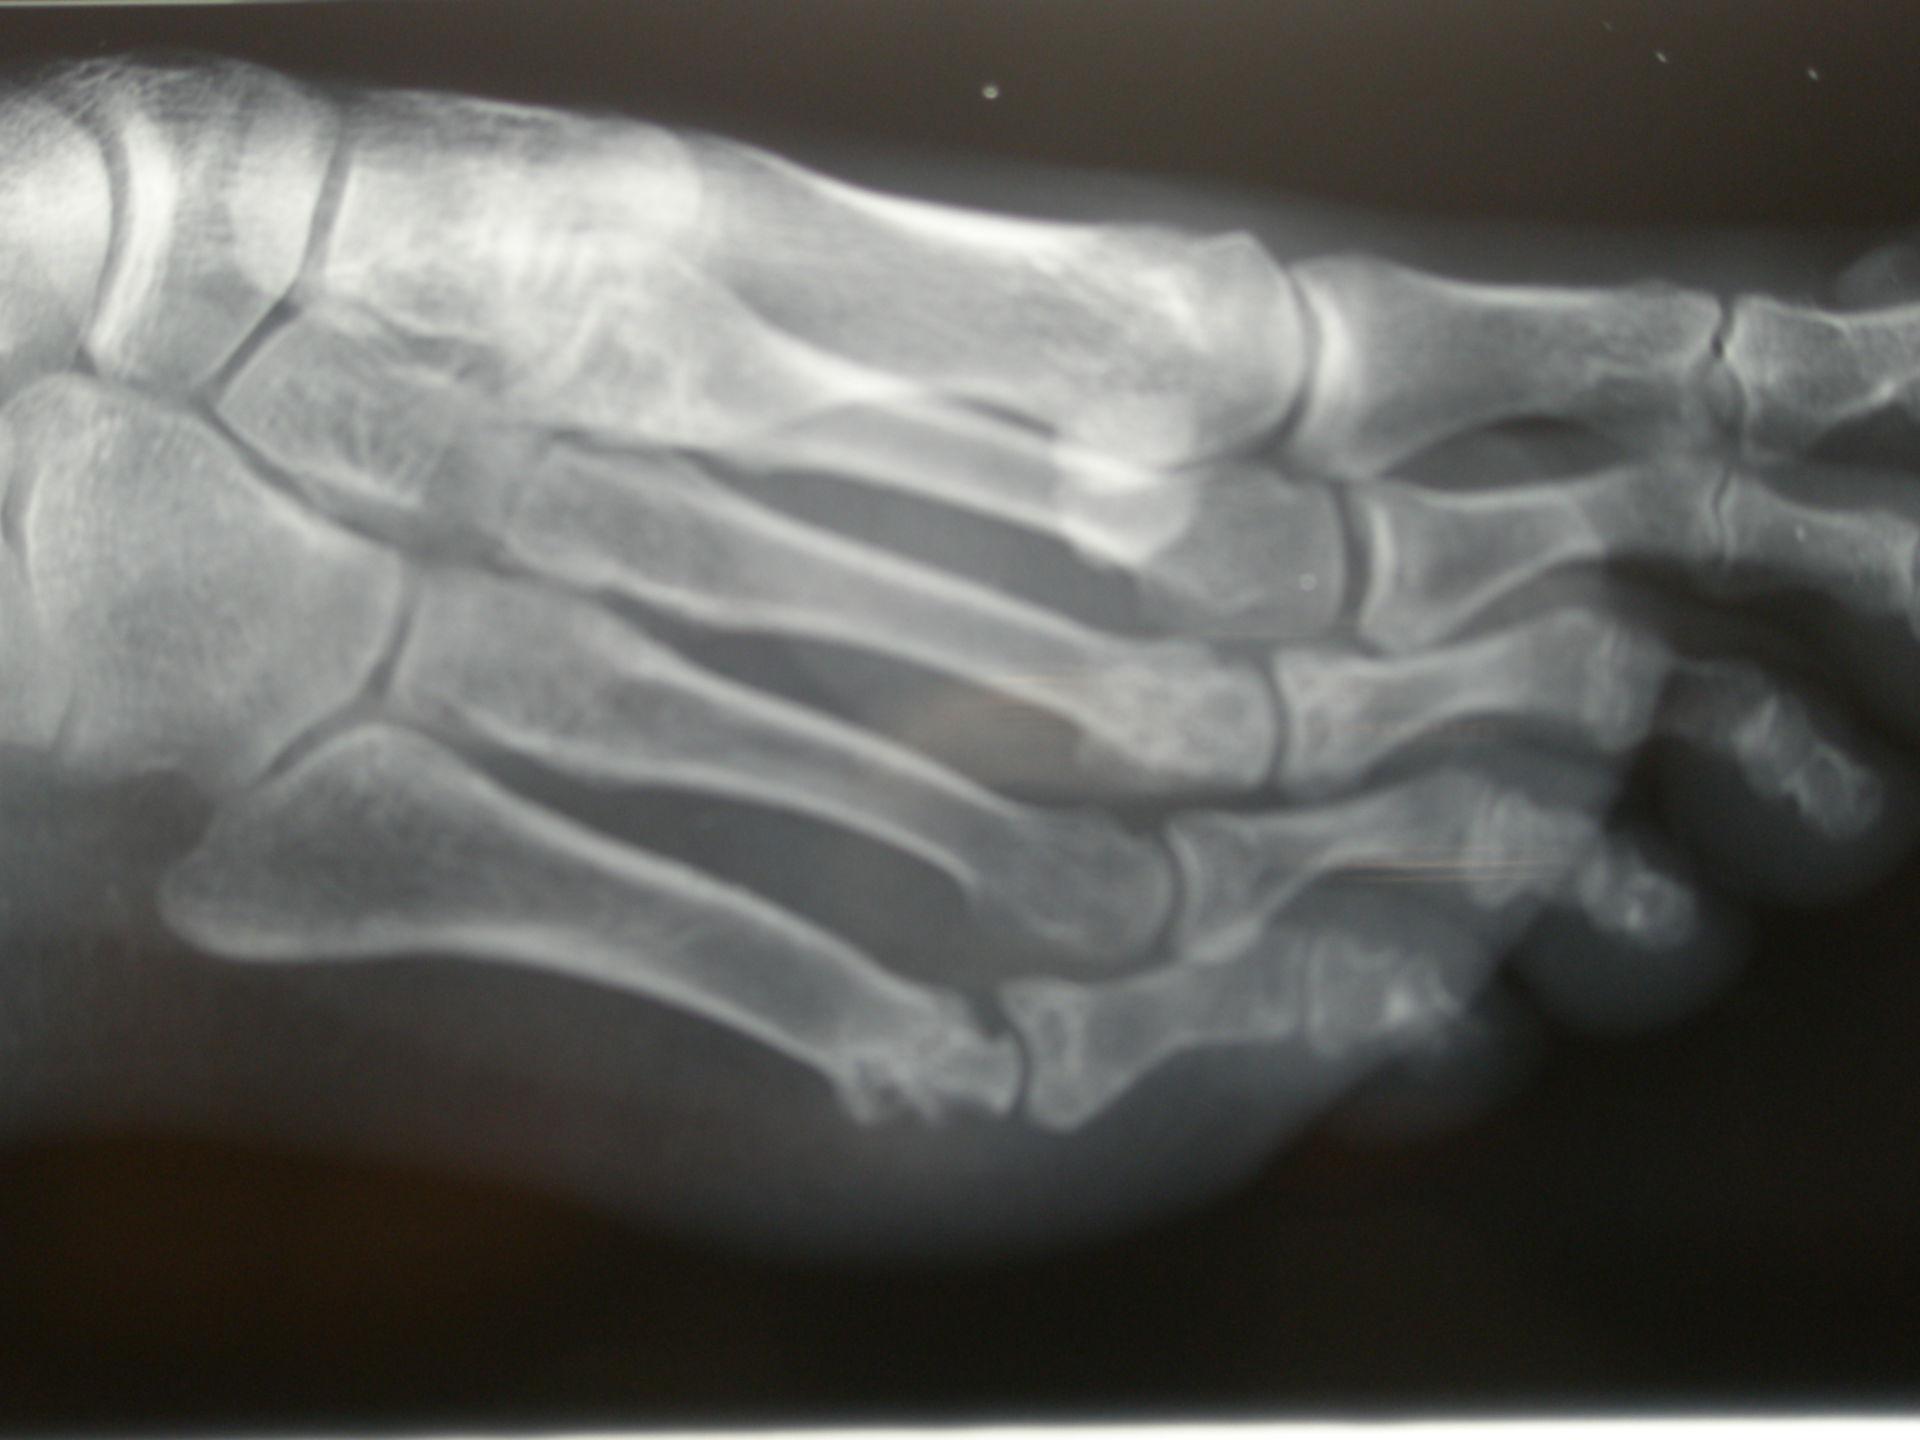 Erosion des fünften Mittelfußknochens bei rheumatoider Arthritis